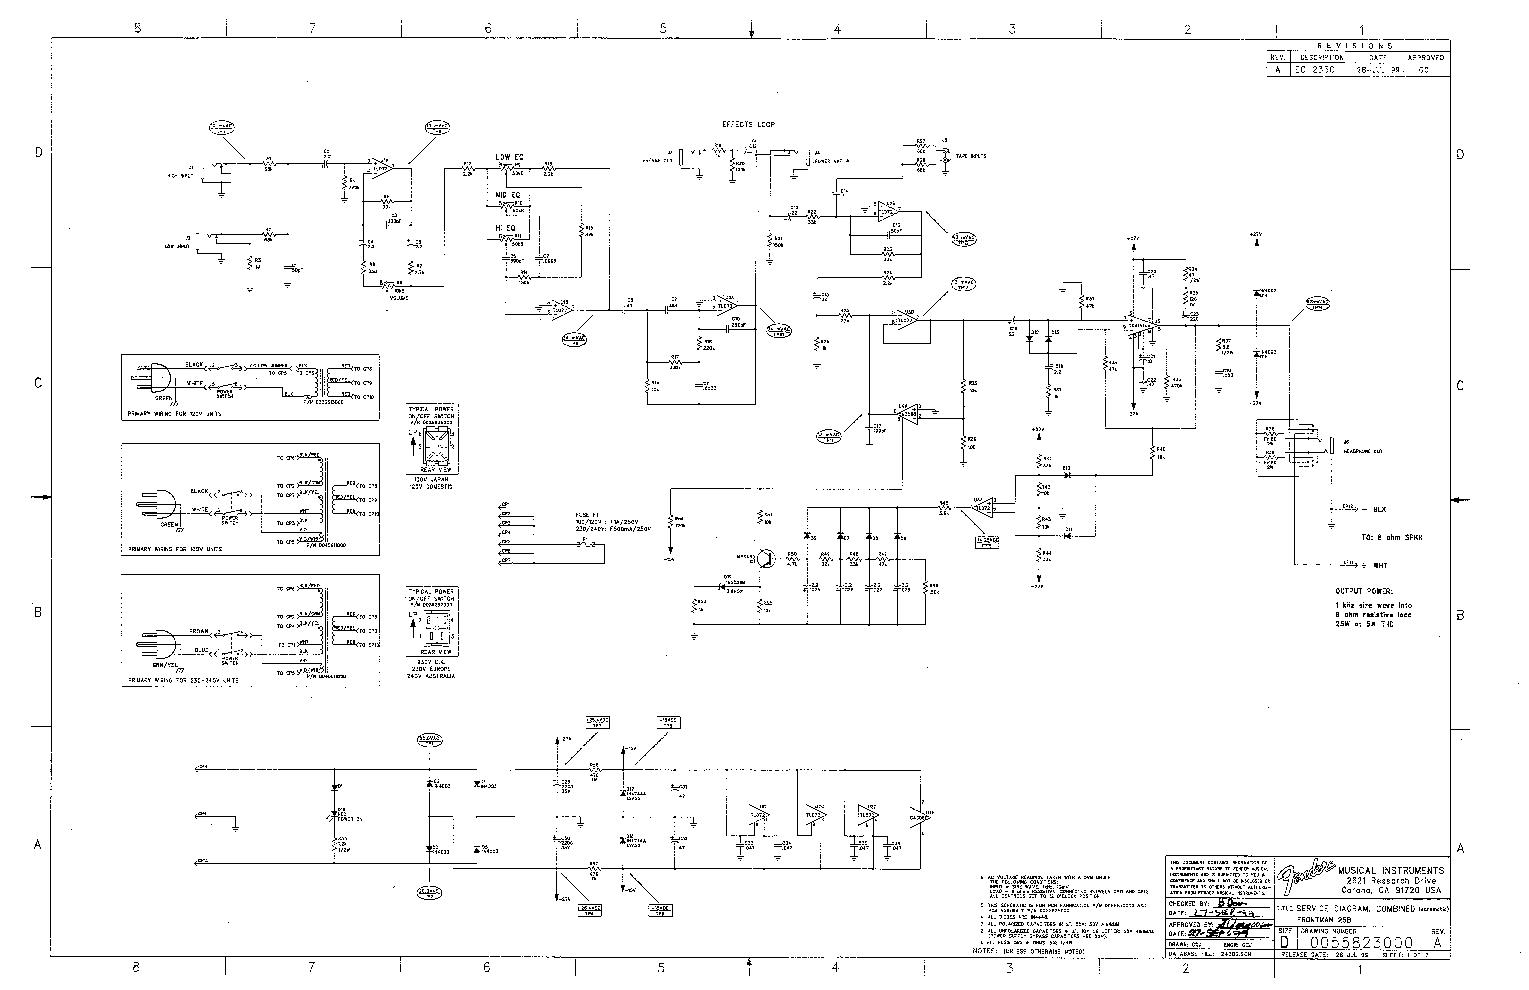 Fender frontman 15g sch service manual download, schematics.